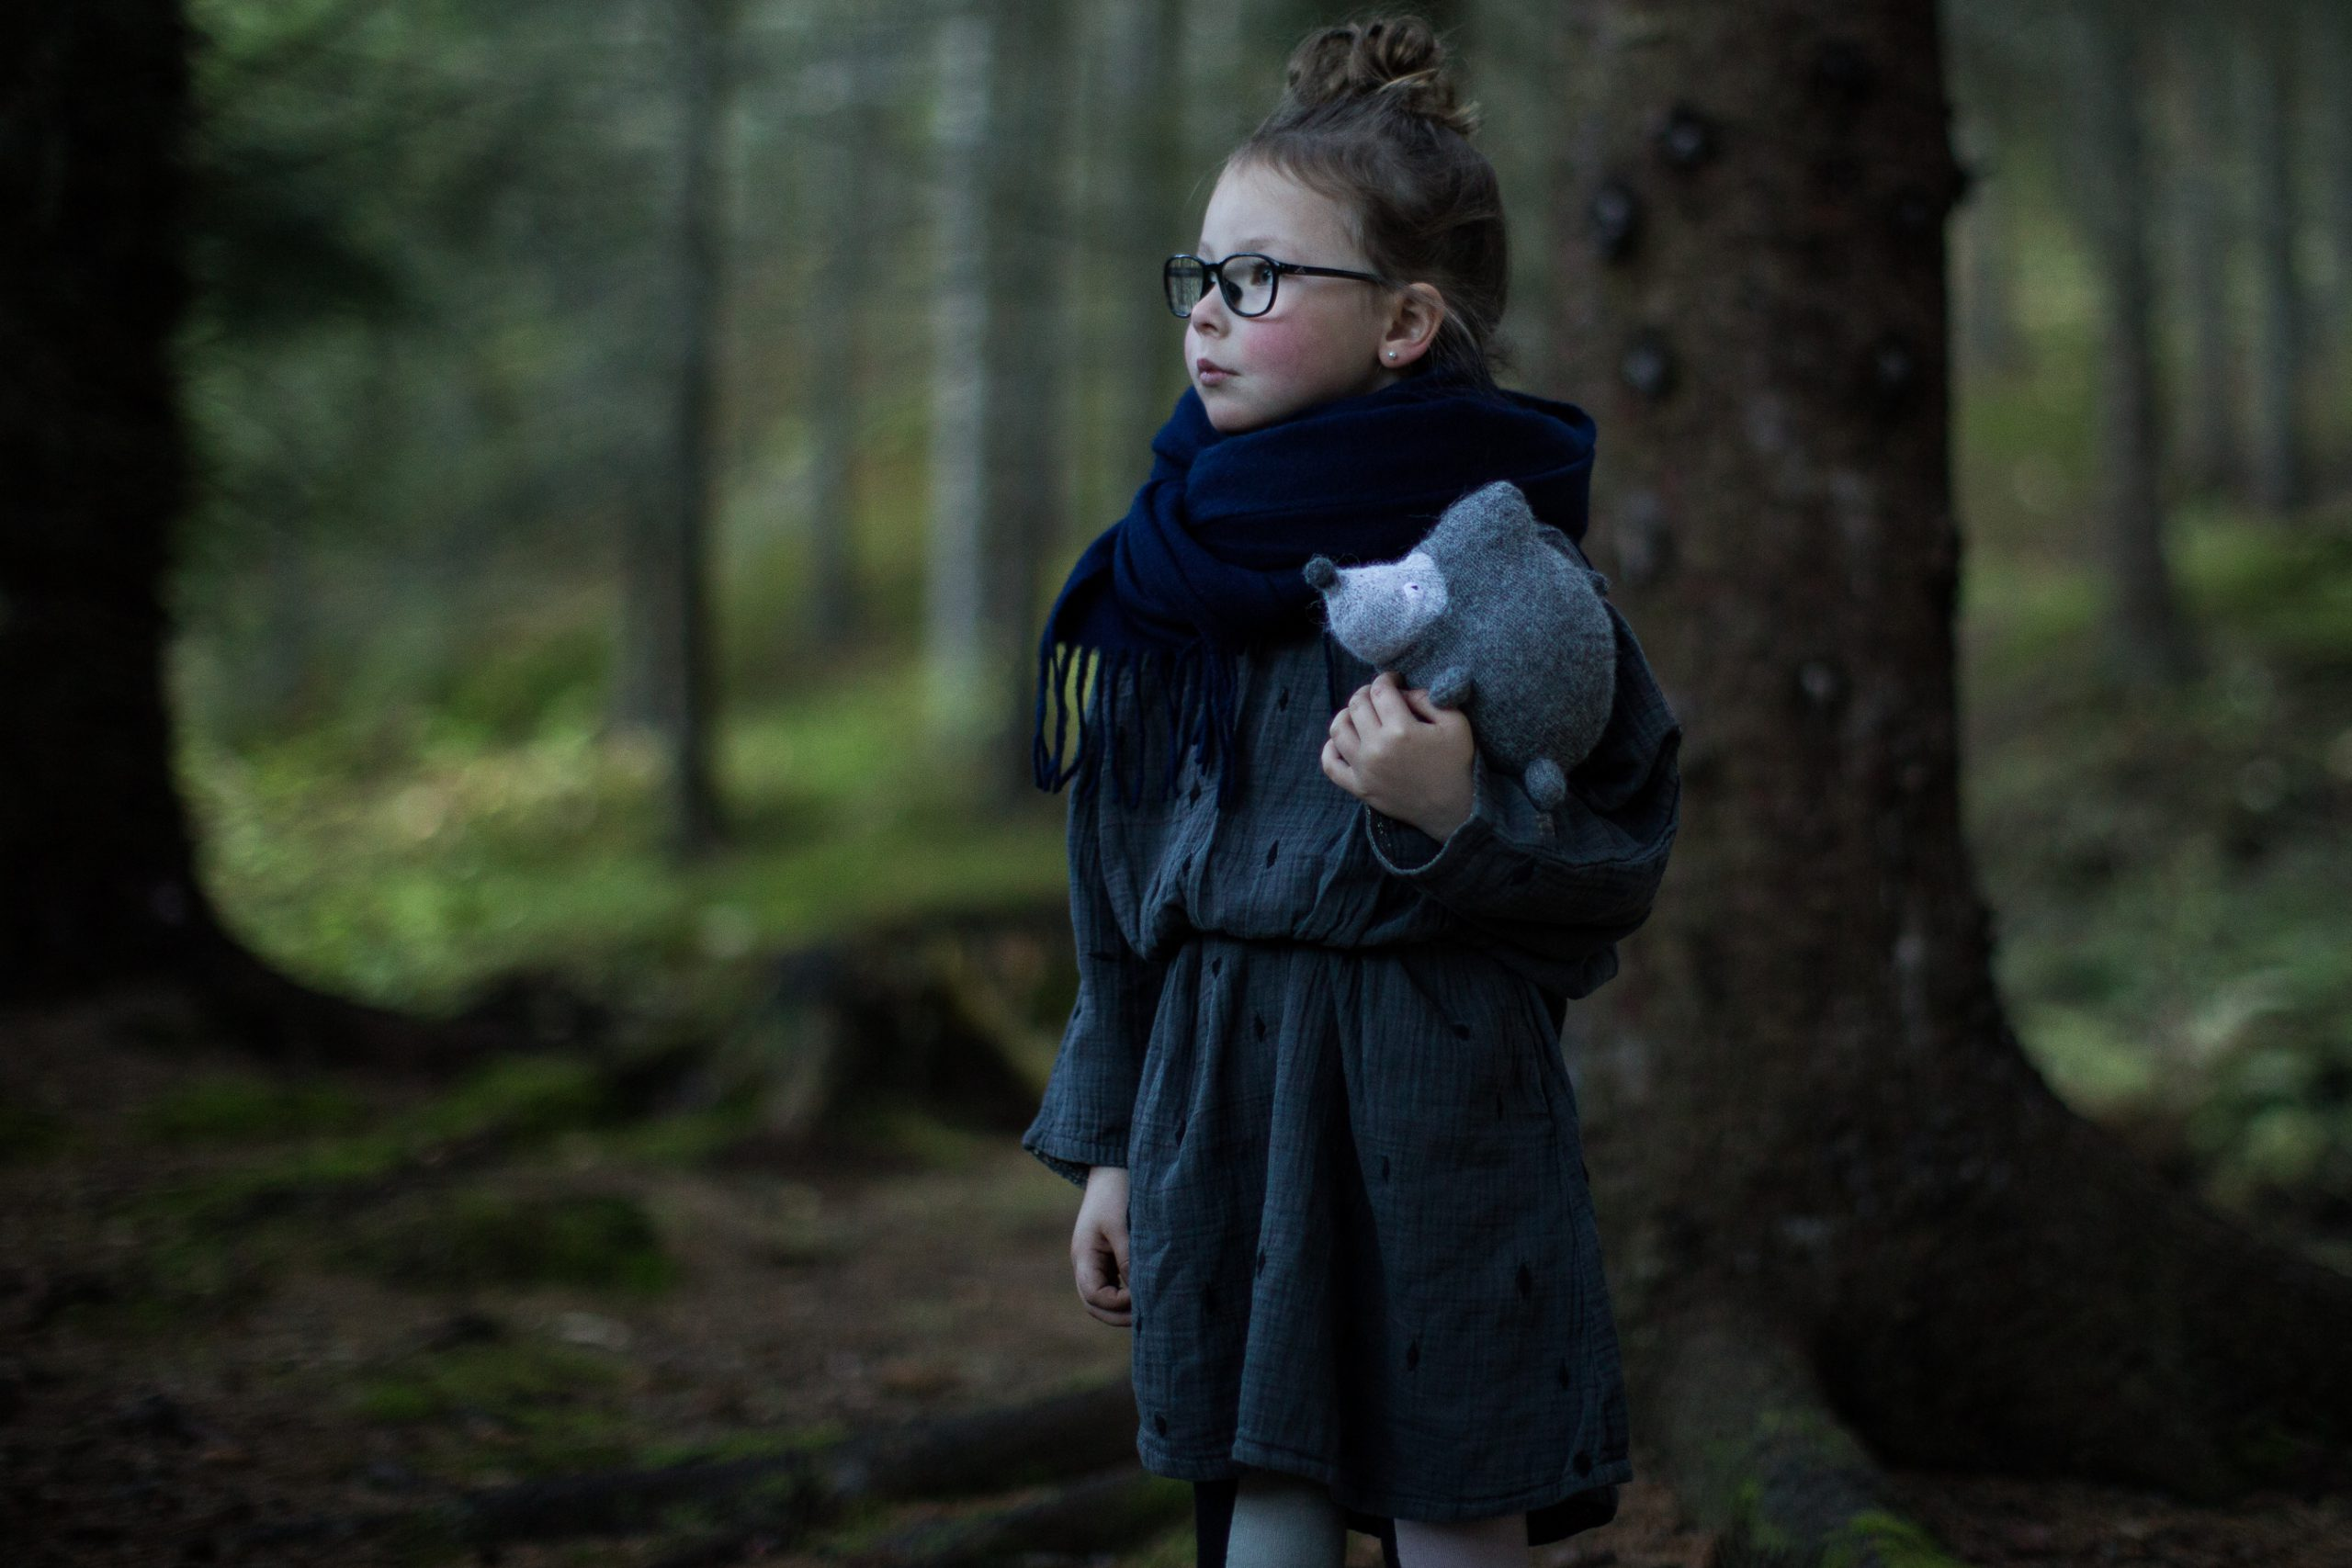 Girl model ministyle hedgehod handmade forest